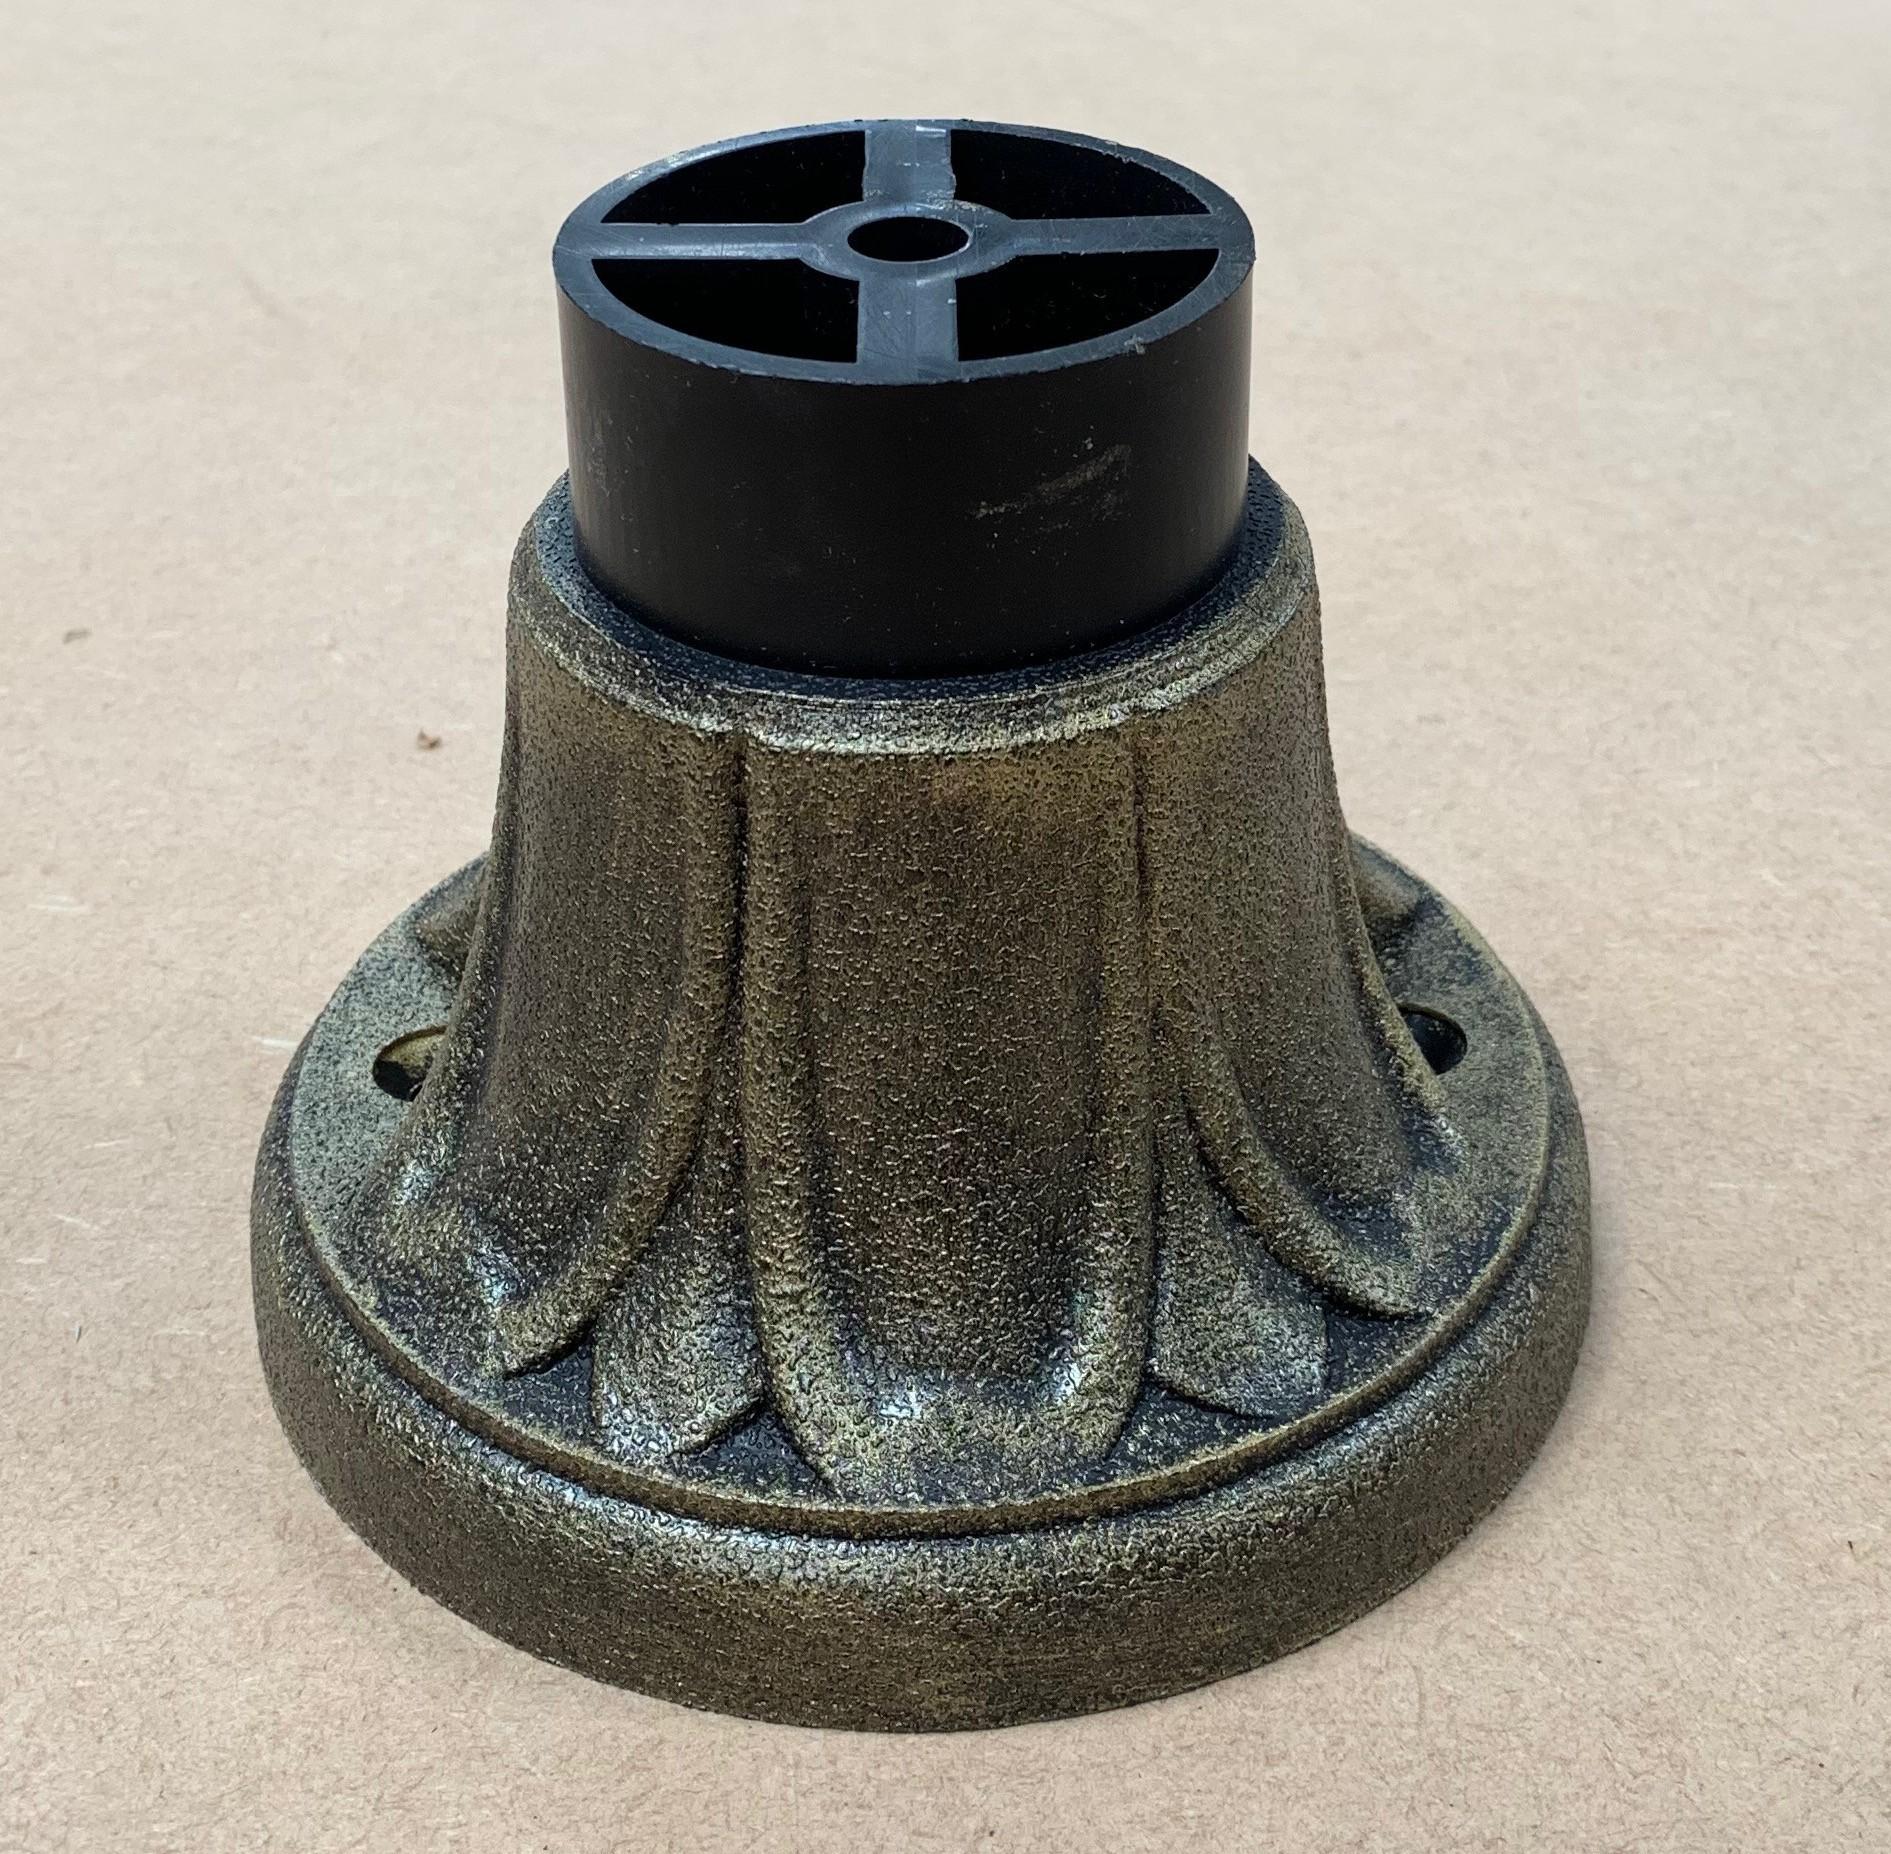 Fumagalli 110B Pedestal 107mm in Antique Brass